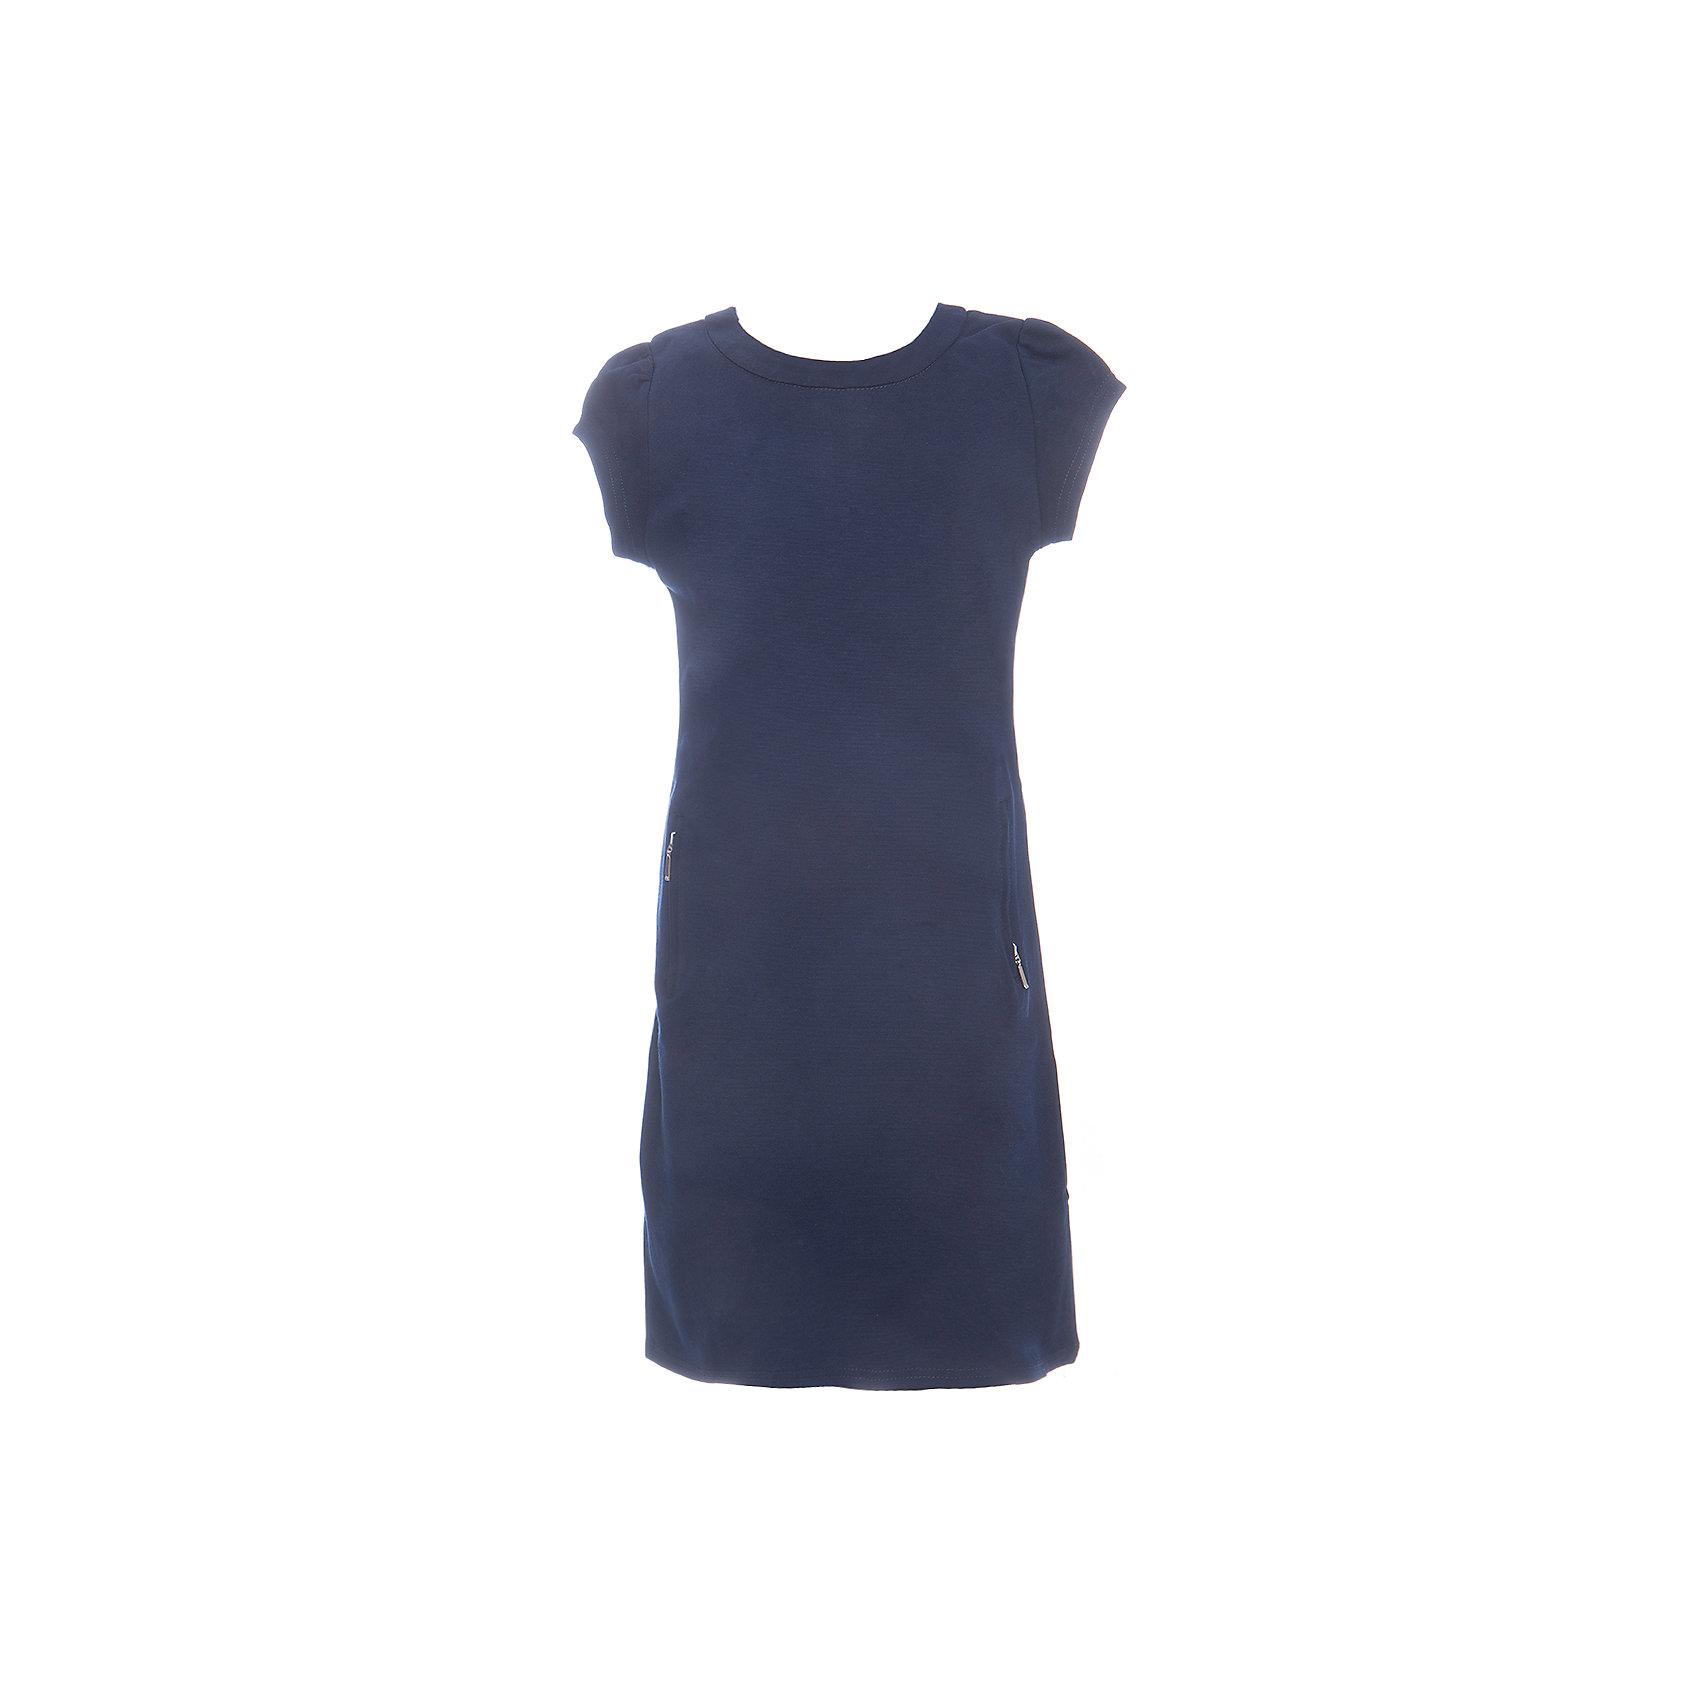 Платье для девочки LuminosoПлатья и сарафаны<br>Характеристики товара:<br><br>• цвет: синий;<br>• состав: 65% хлопок 30% полиэстер 5% эластан;<br>• сезон: демисезон;<br>• особенности: школьное;<br>• застежка: молния;<br>• с коротким рукавом:<br>• декорировано молниями;<br>• страна бренда: Россия;<br>• страна производства: Китай.<br><br>Синее трикотажное платье для девочки с округлым вырезом и коротким рукавом А-силуэта. Школьное платье декорировано стильными молниями. Застежка-молния расположена на спинке изделия.<br><br>Платье для девочки Luminoso (Люминосо) можно купить в нашем интернет-магазине.<br><br>Ширина мм: 236<br>Глубина мм: 16<br>Высота мм: 184<br>Вес г: 177<br>Цвет: синий<br>Возраст от месяцев: 144<br>Возраст до месяцев: 156<br>Пол: Женский<br>Возраст: Детский<br>Размер: 158,164,122,128,134,140,146,152<br>SKU: 6672833